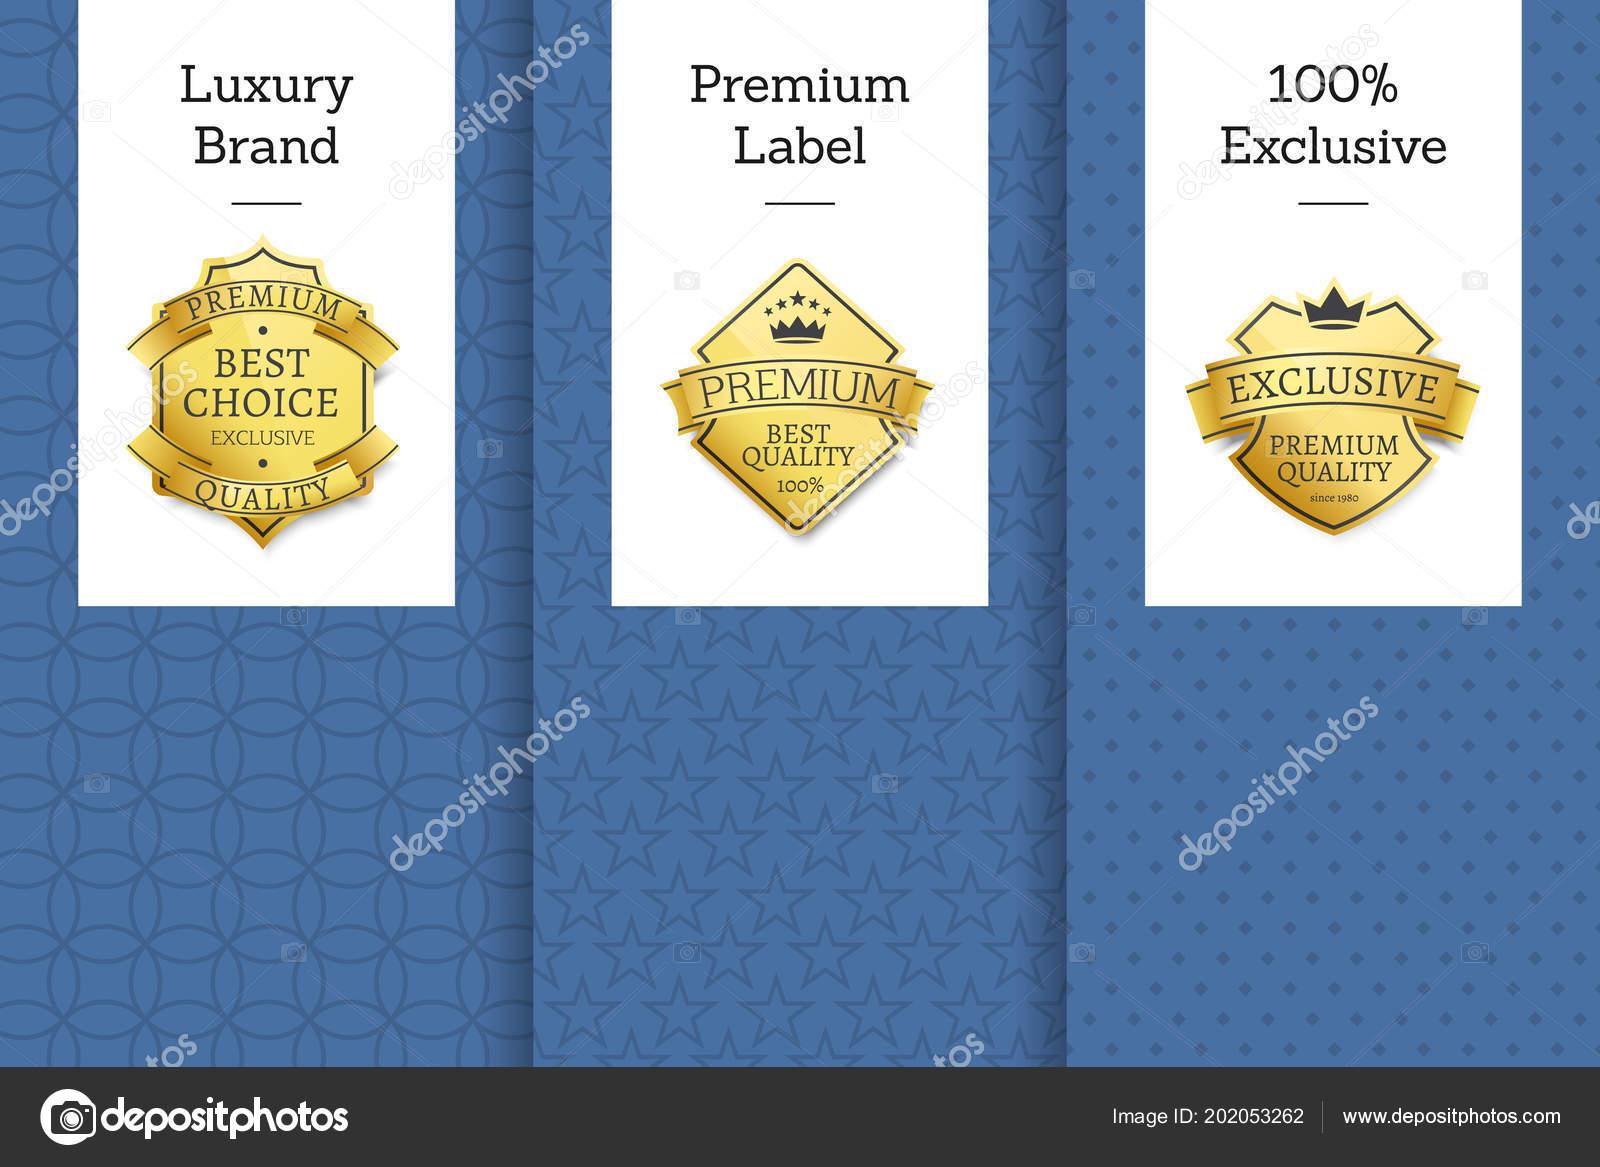 486583062940 Роскошный бренд премиум лейбл 100 эксклюзивный набор листовок, лучший выбор  для лет эксклюзивных премиум качества Золотой этикетки, награды или награды  от ...